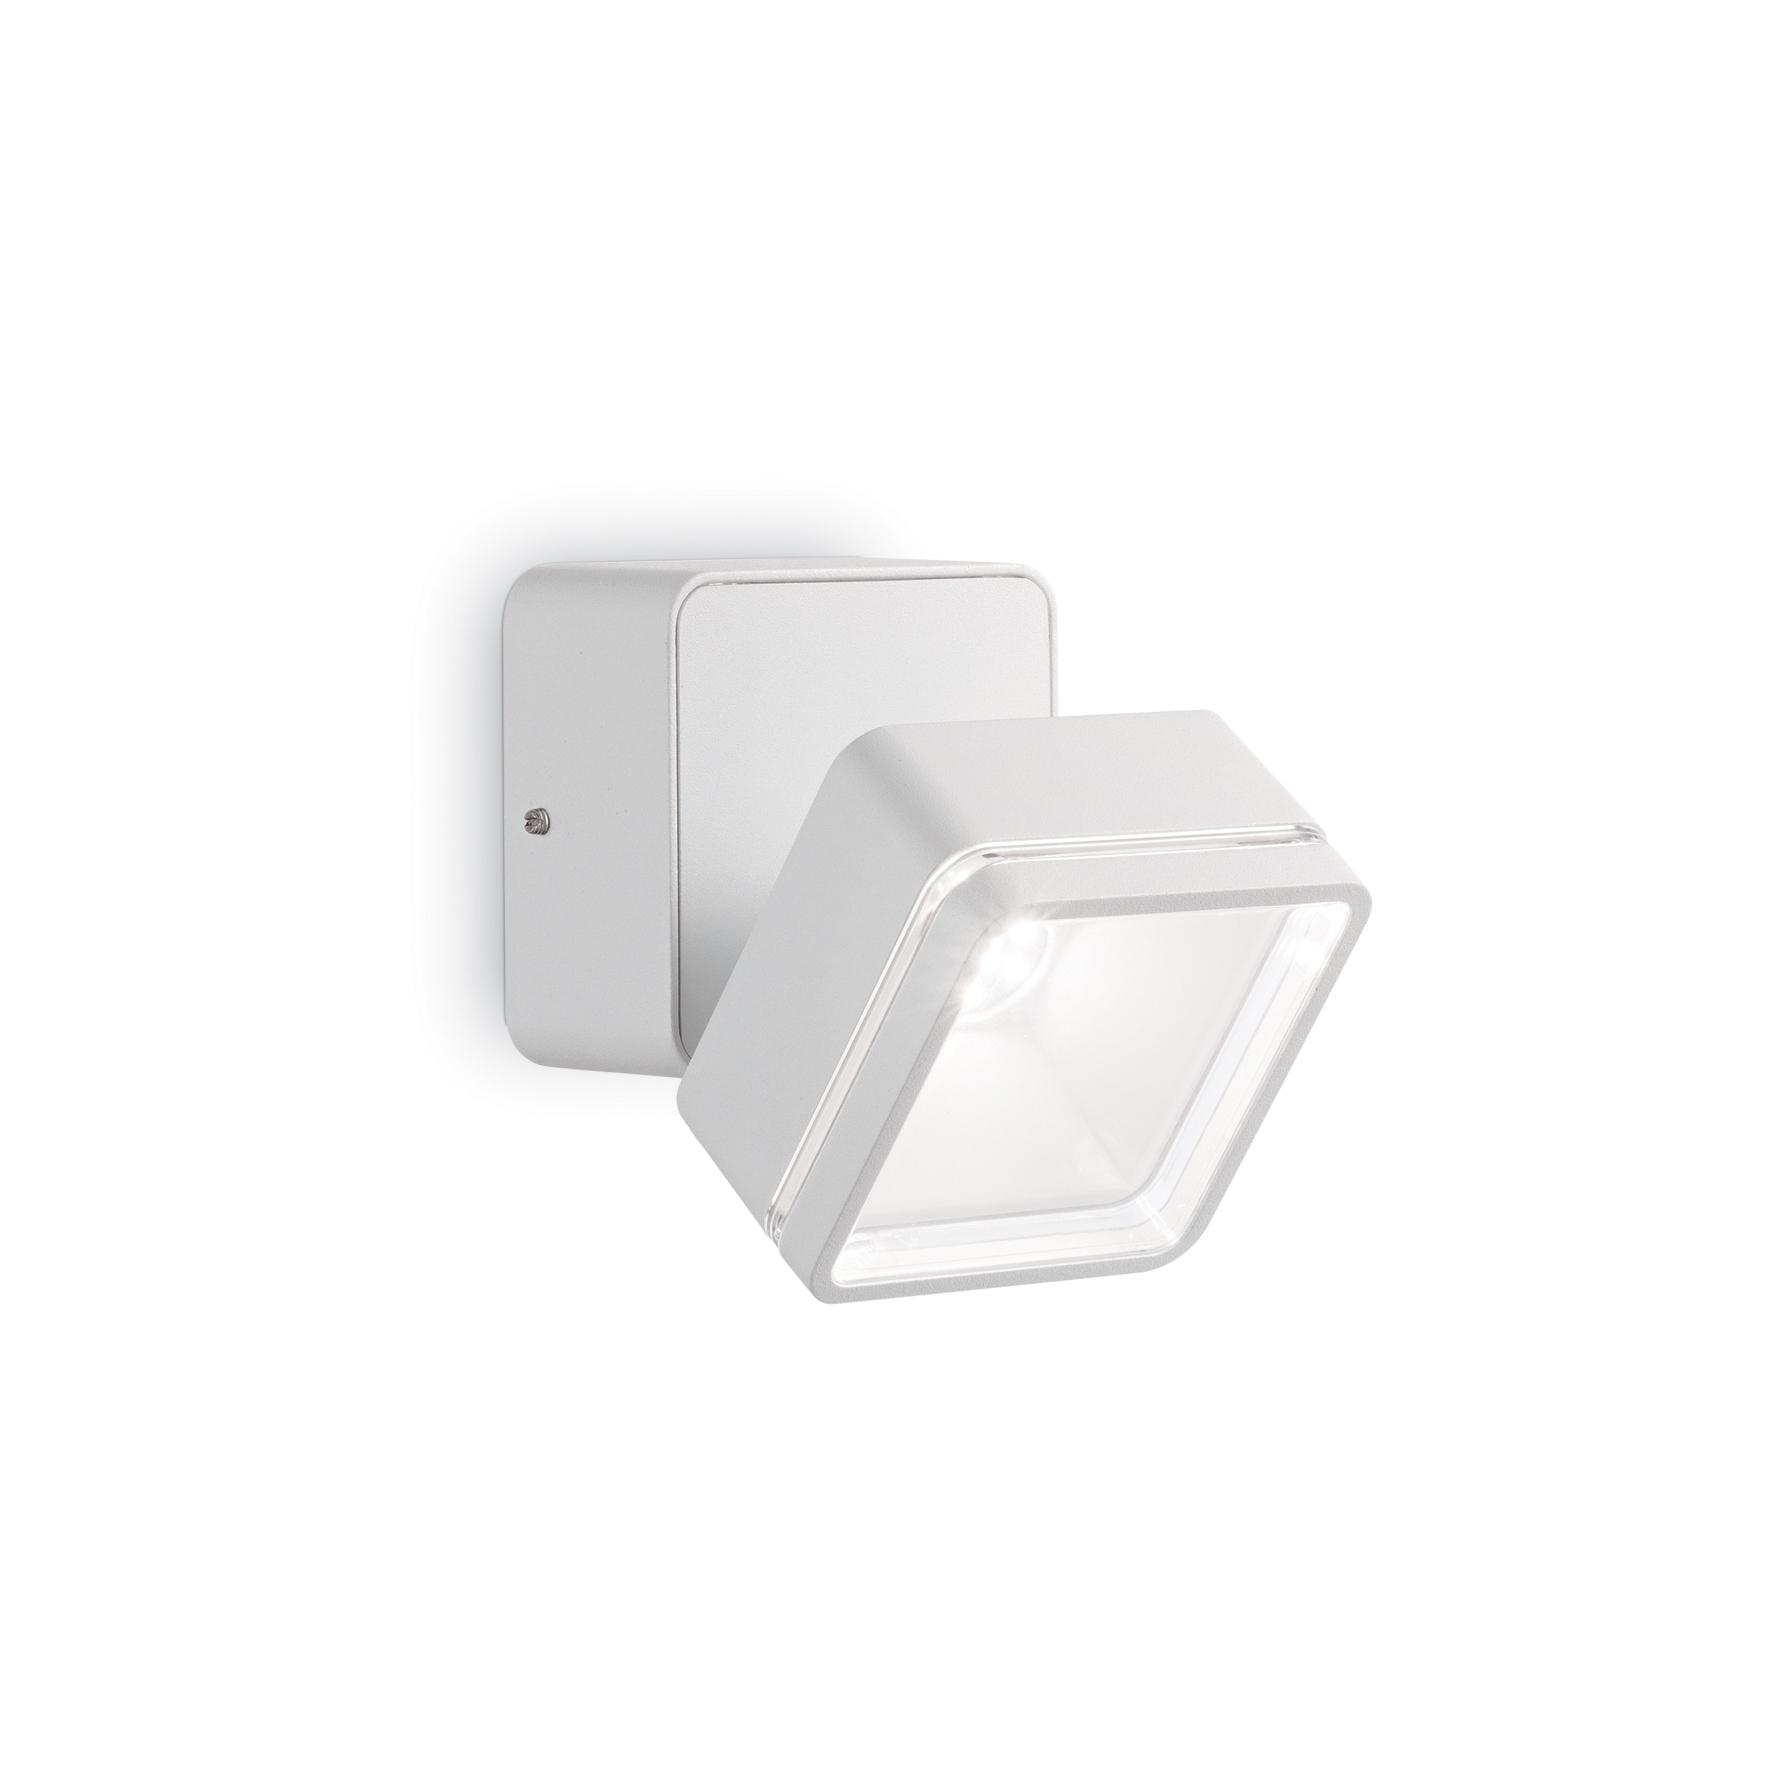 Aplica Omega Square AP1 White